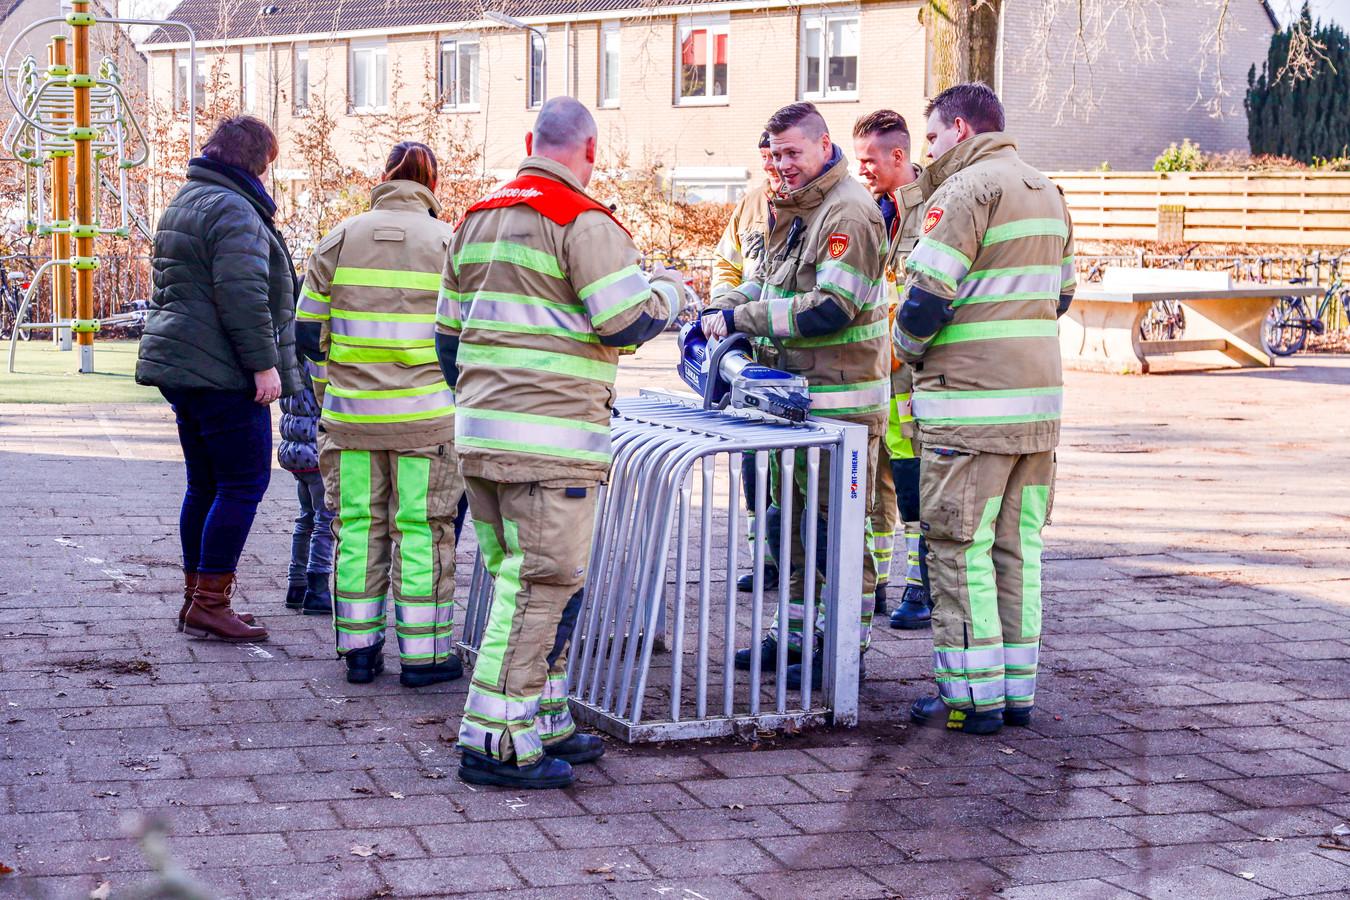 De brandweer bevrijdde de knie van het meisje met behulp van een spreider.